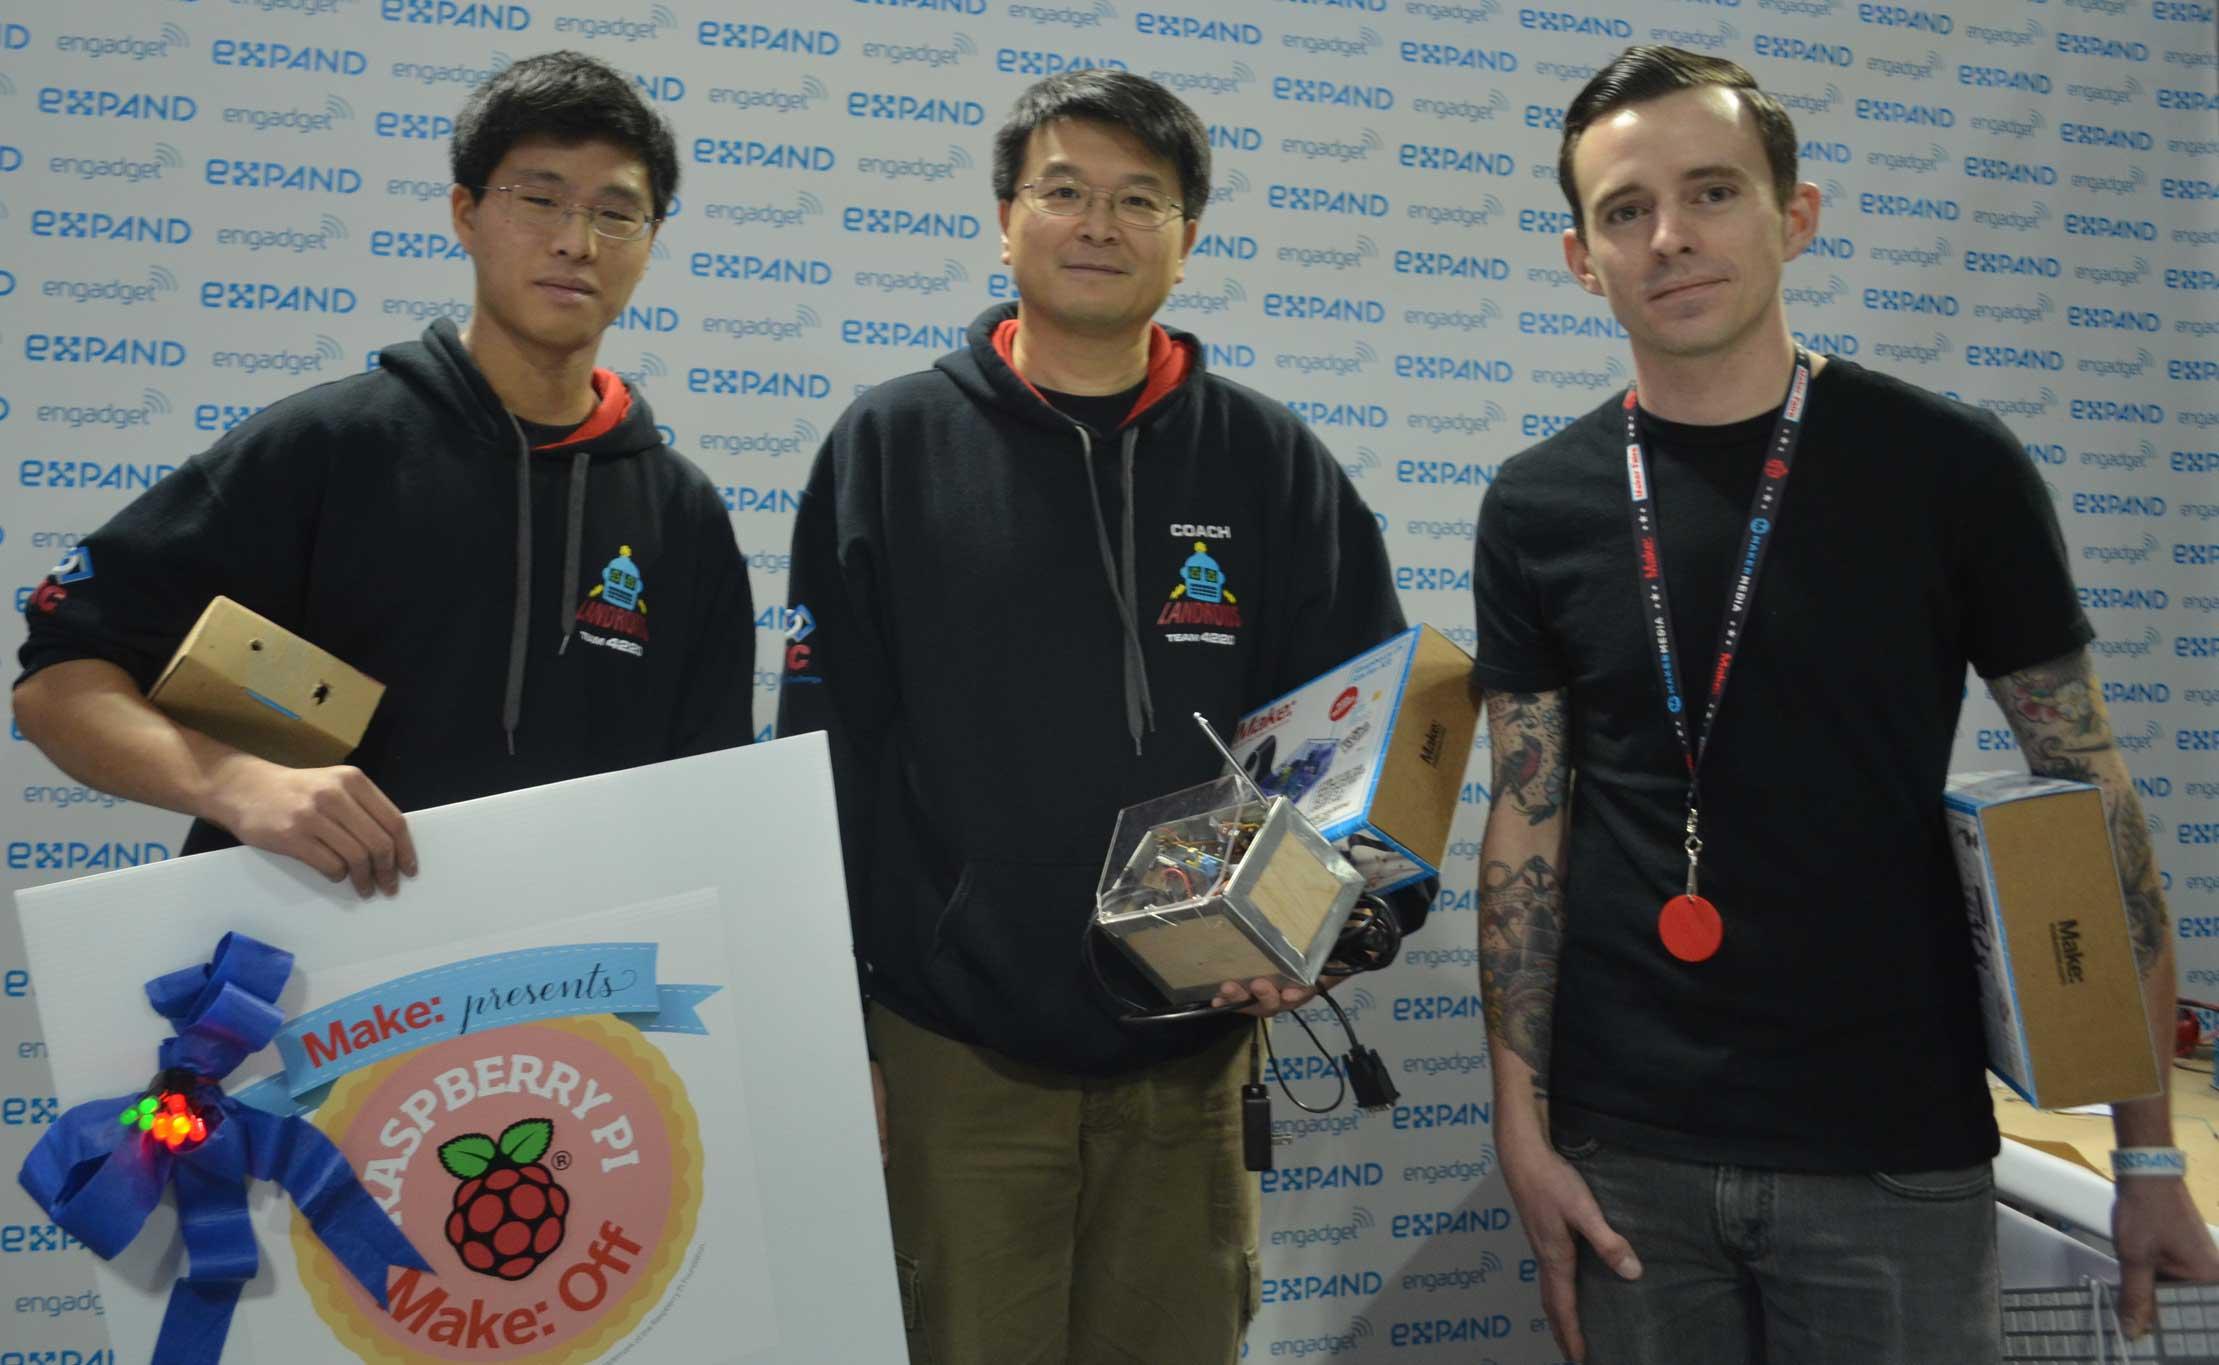 Sea Slugs Take the Title at Inaugural Raspberry Pi Make: Off